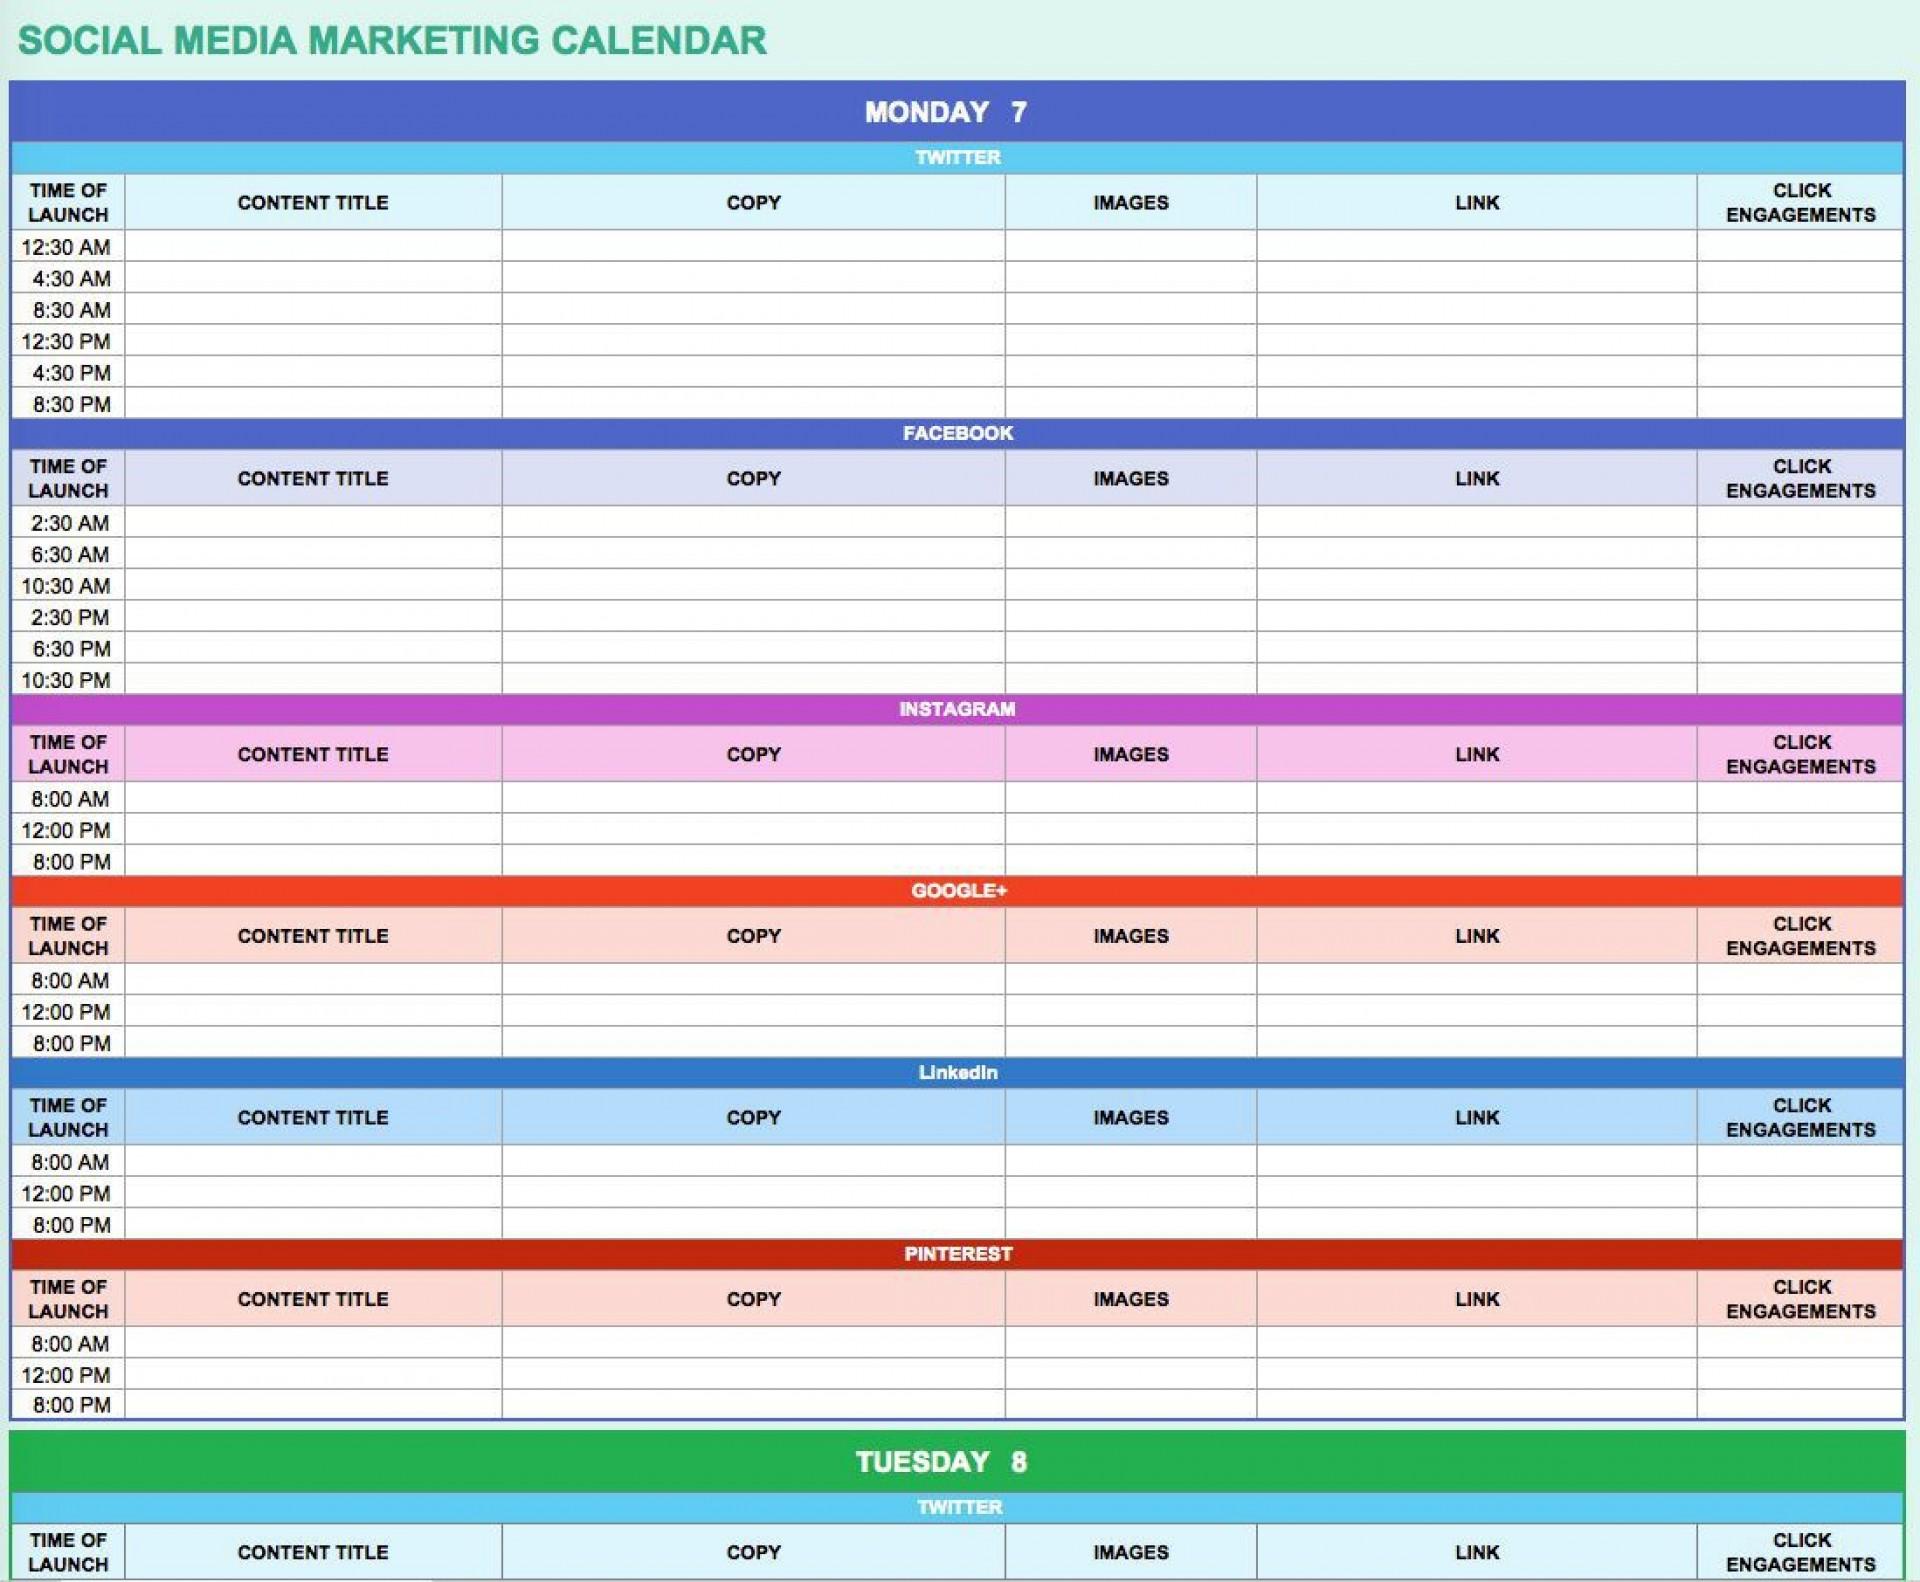 000 Singular Social Media Marketing Plan Template 2018 Sample 1920